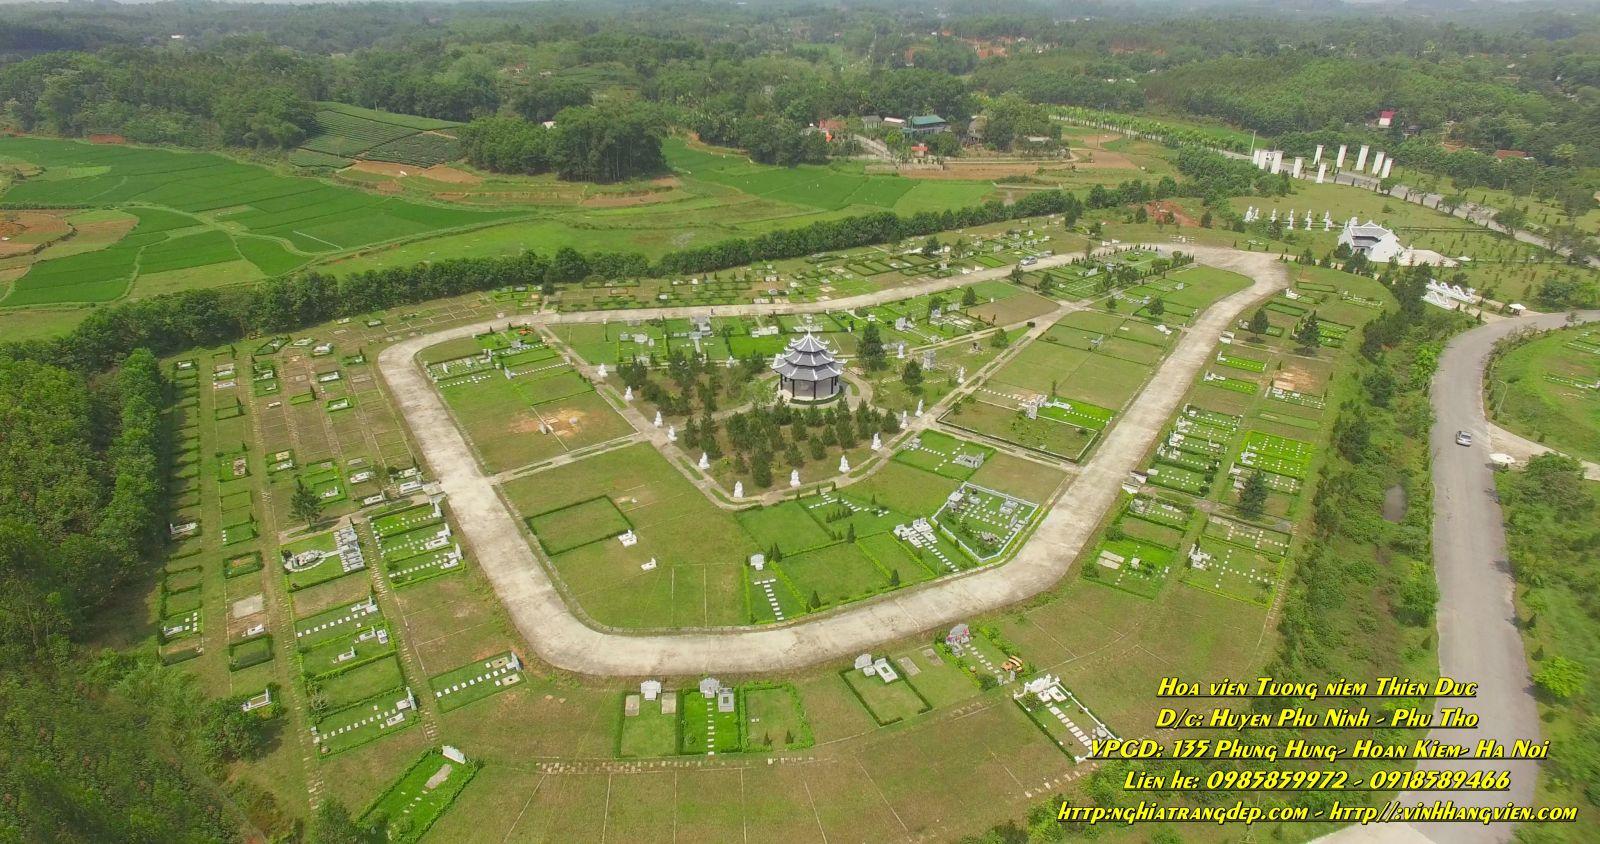 Công viên nghĩa trang Thiên Đức Siêu Nghĩa Trang Sinh Thái Mua-ba-dat-nghia-trang-thien-duc-doi-hoang-long